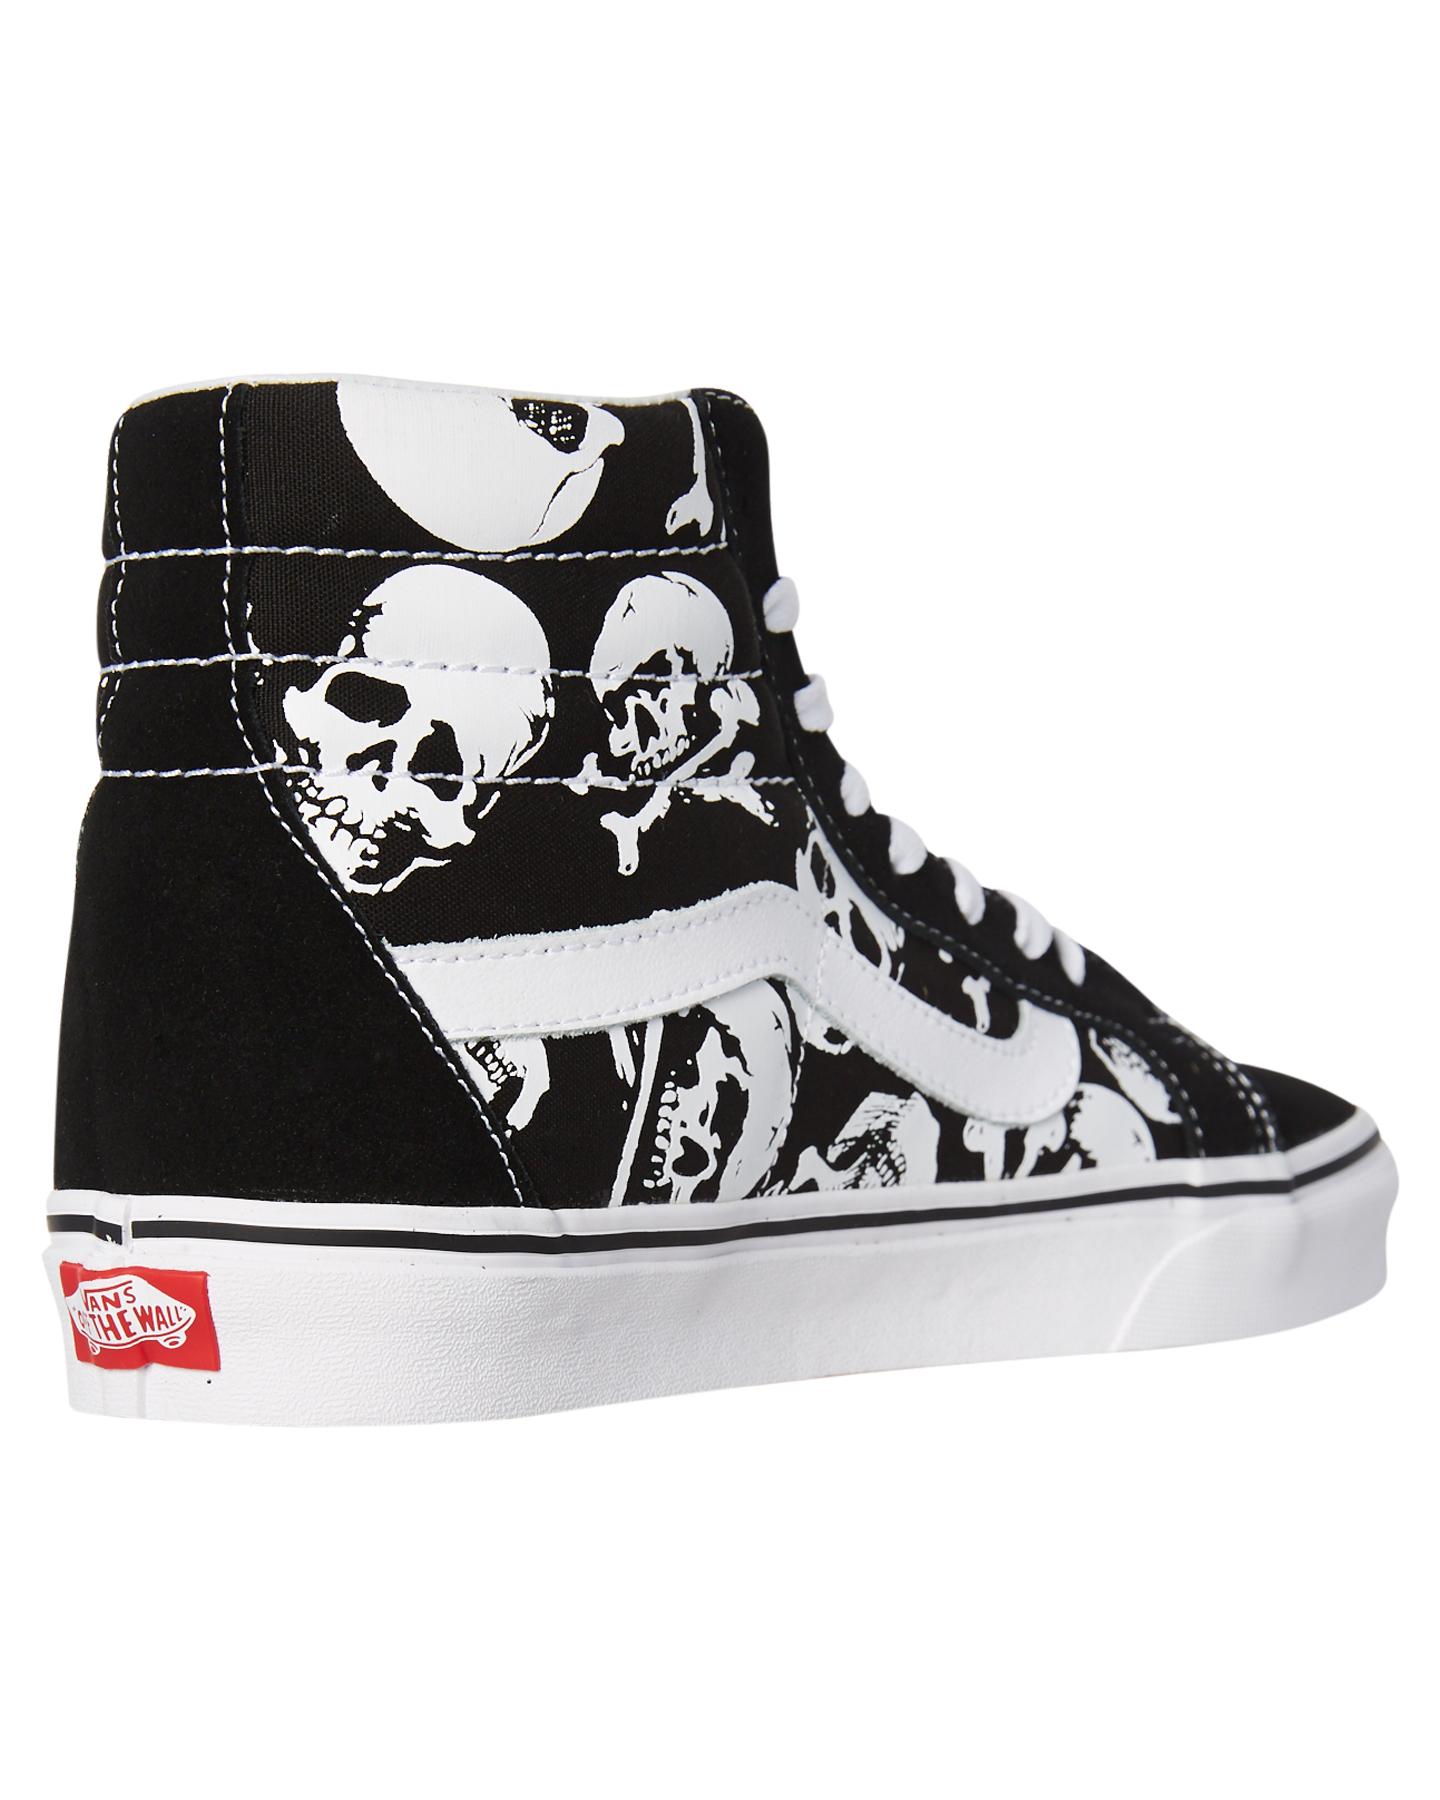 e574113522 New Vans Men s Mens Sk8 Hi Reissue Skulls Shoe Lace Canvas Black